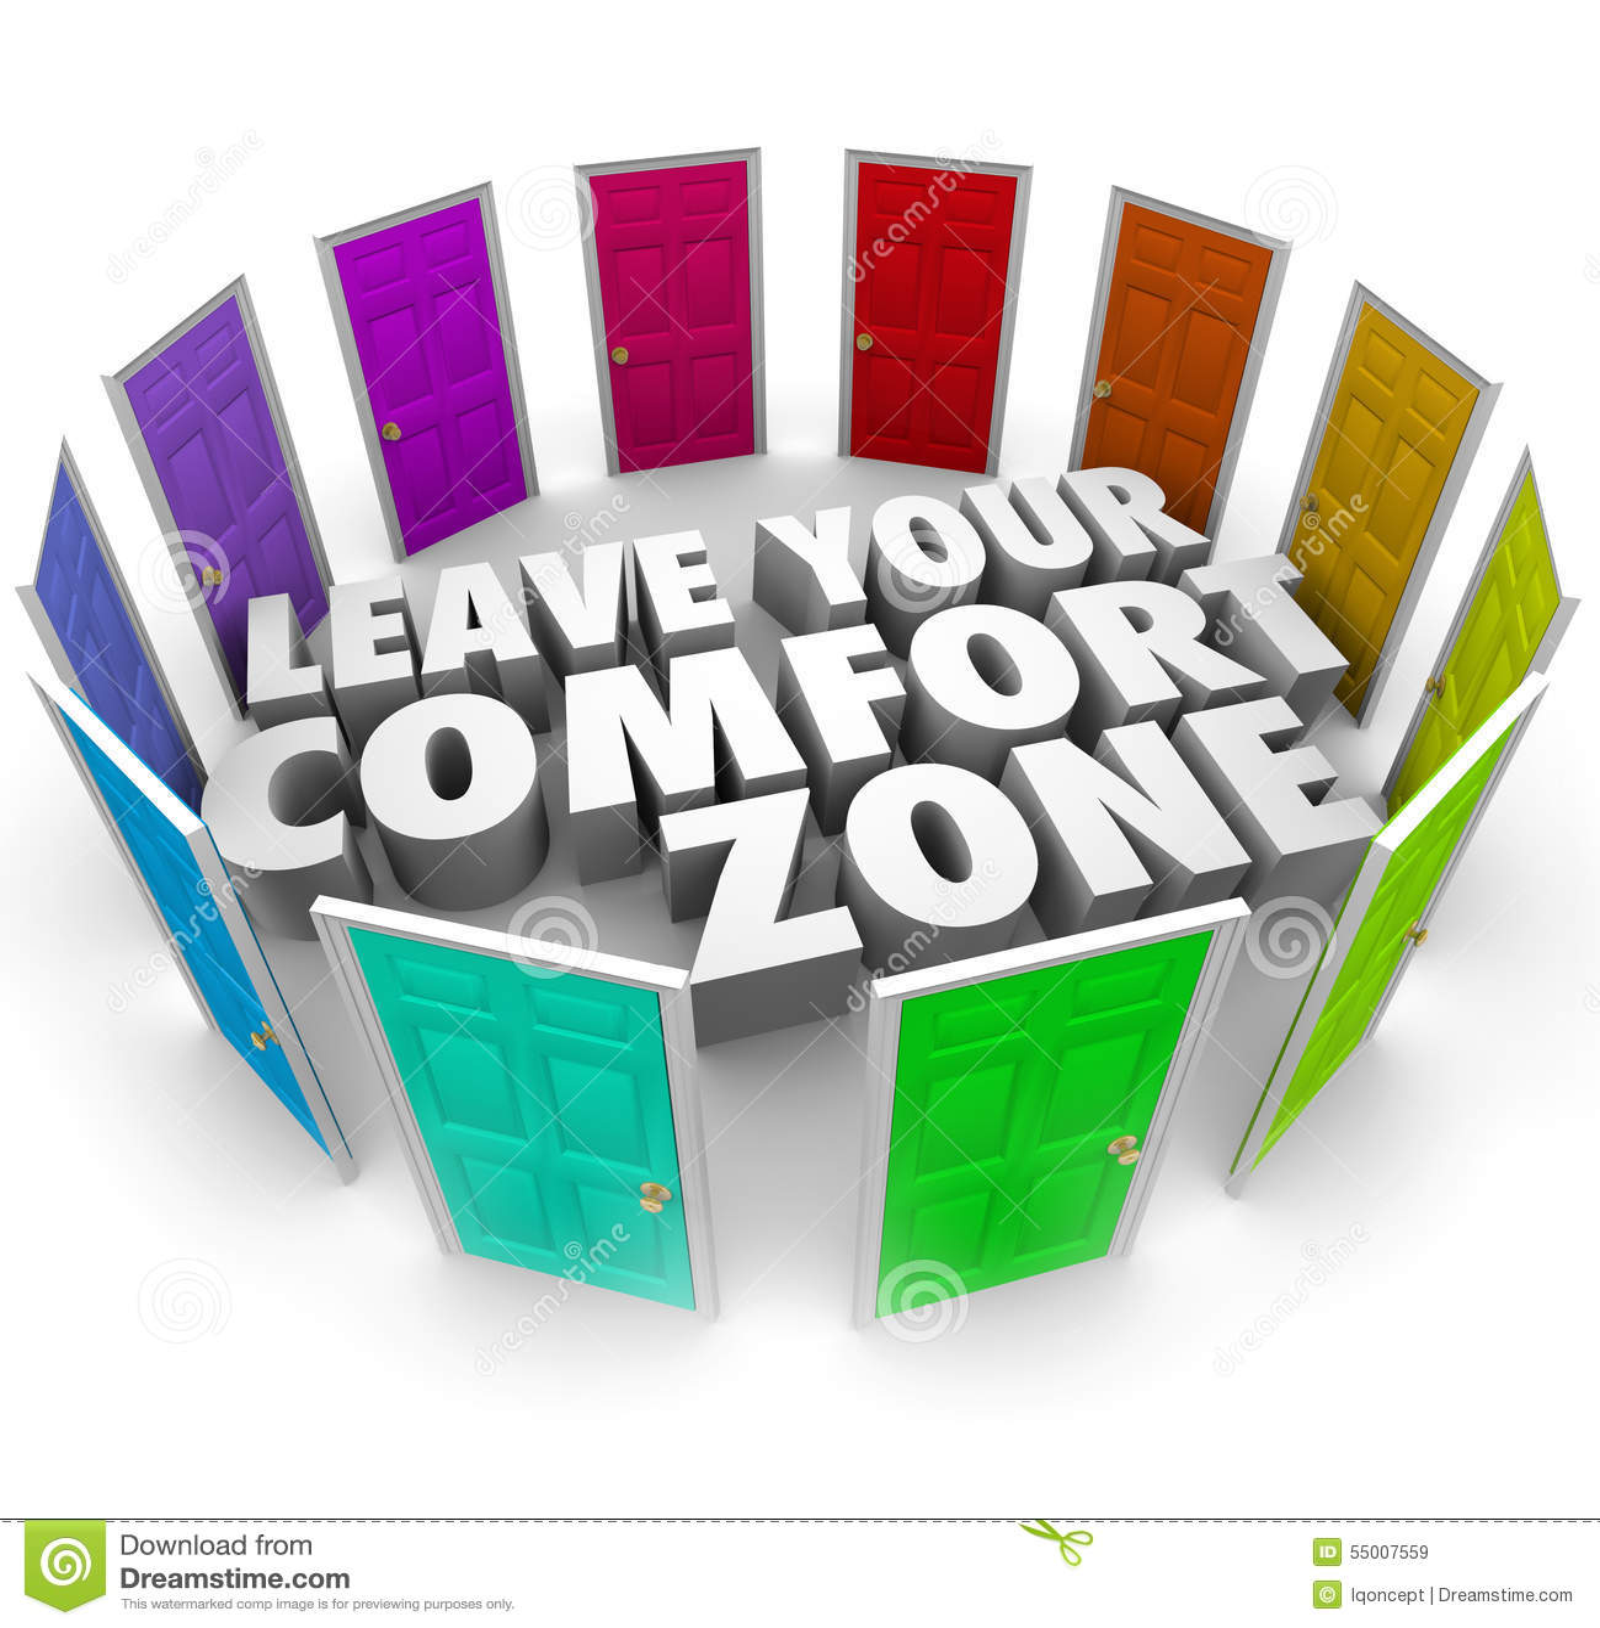 Deixe a suas portas da zona de conforto oportunidades novas